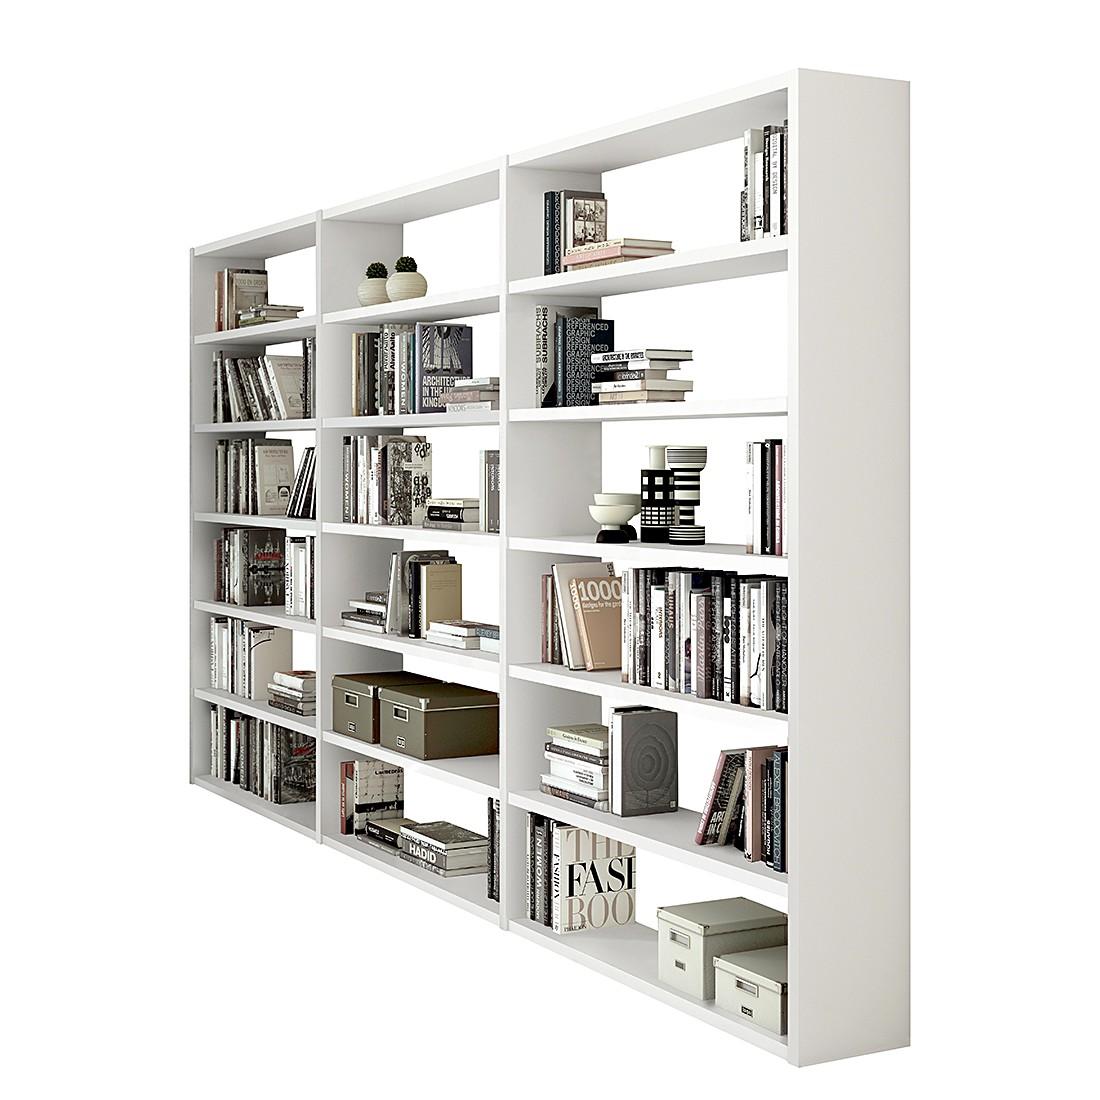 Bibliothek Empire – Matt Weiß, loftscape bestellen